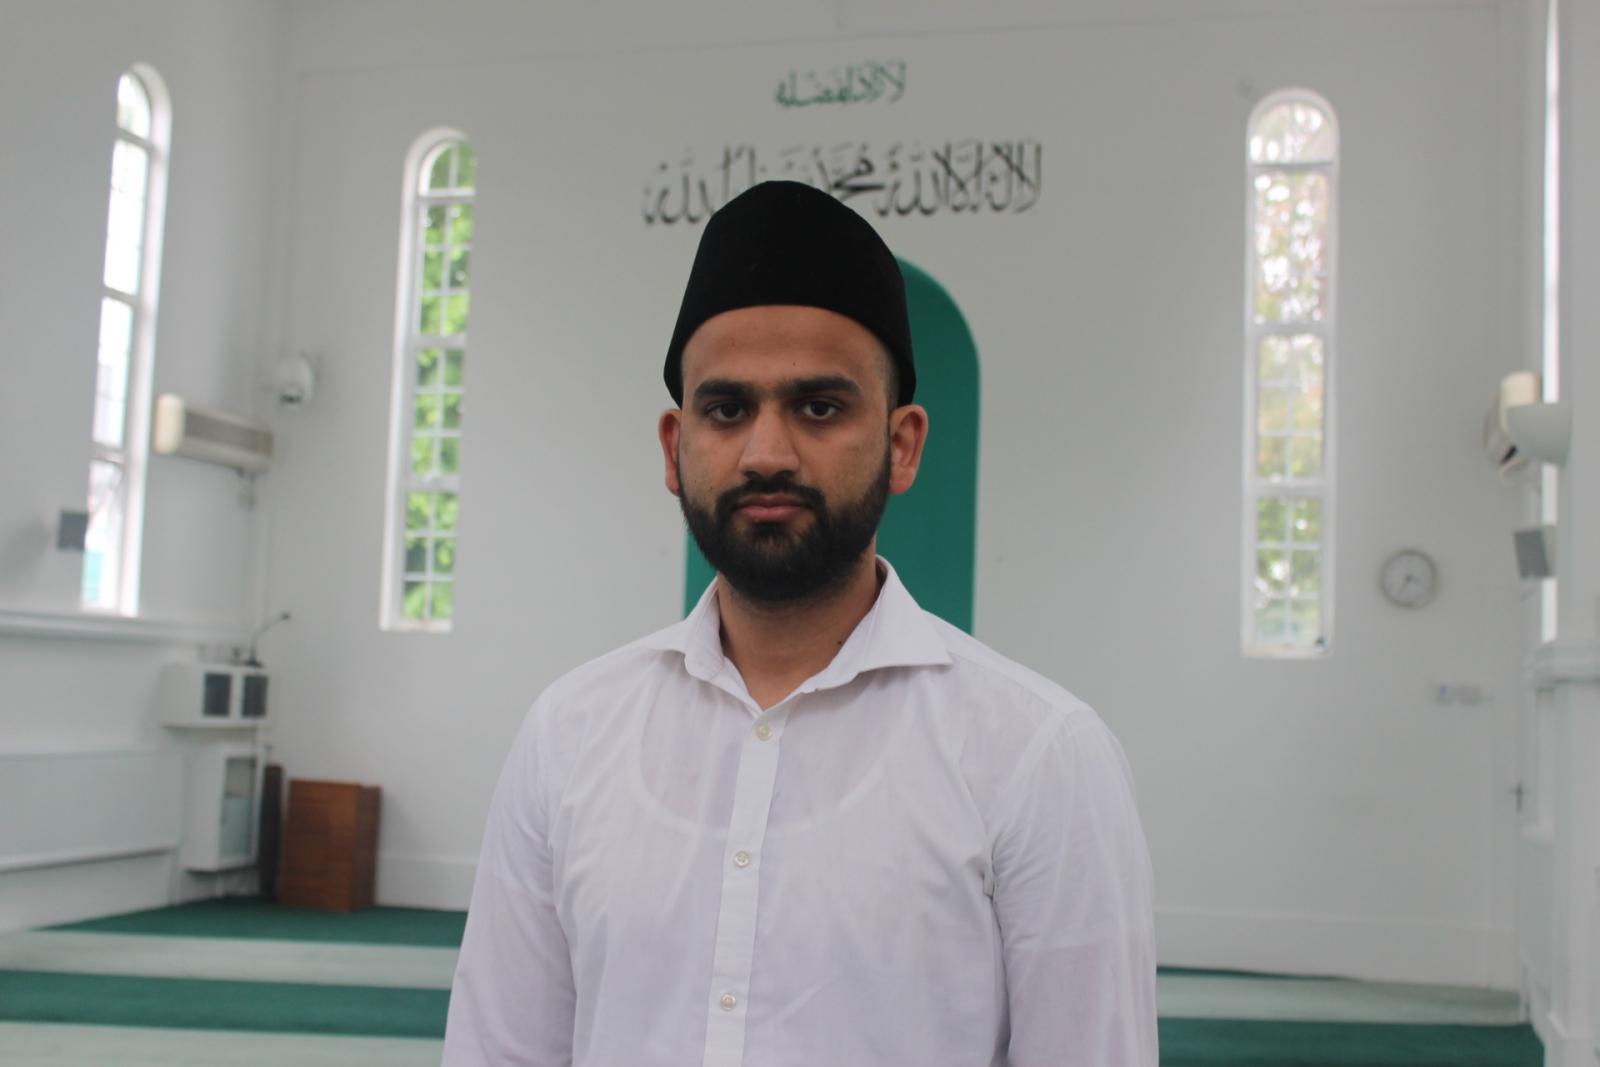 Farroq Aftab